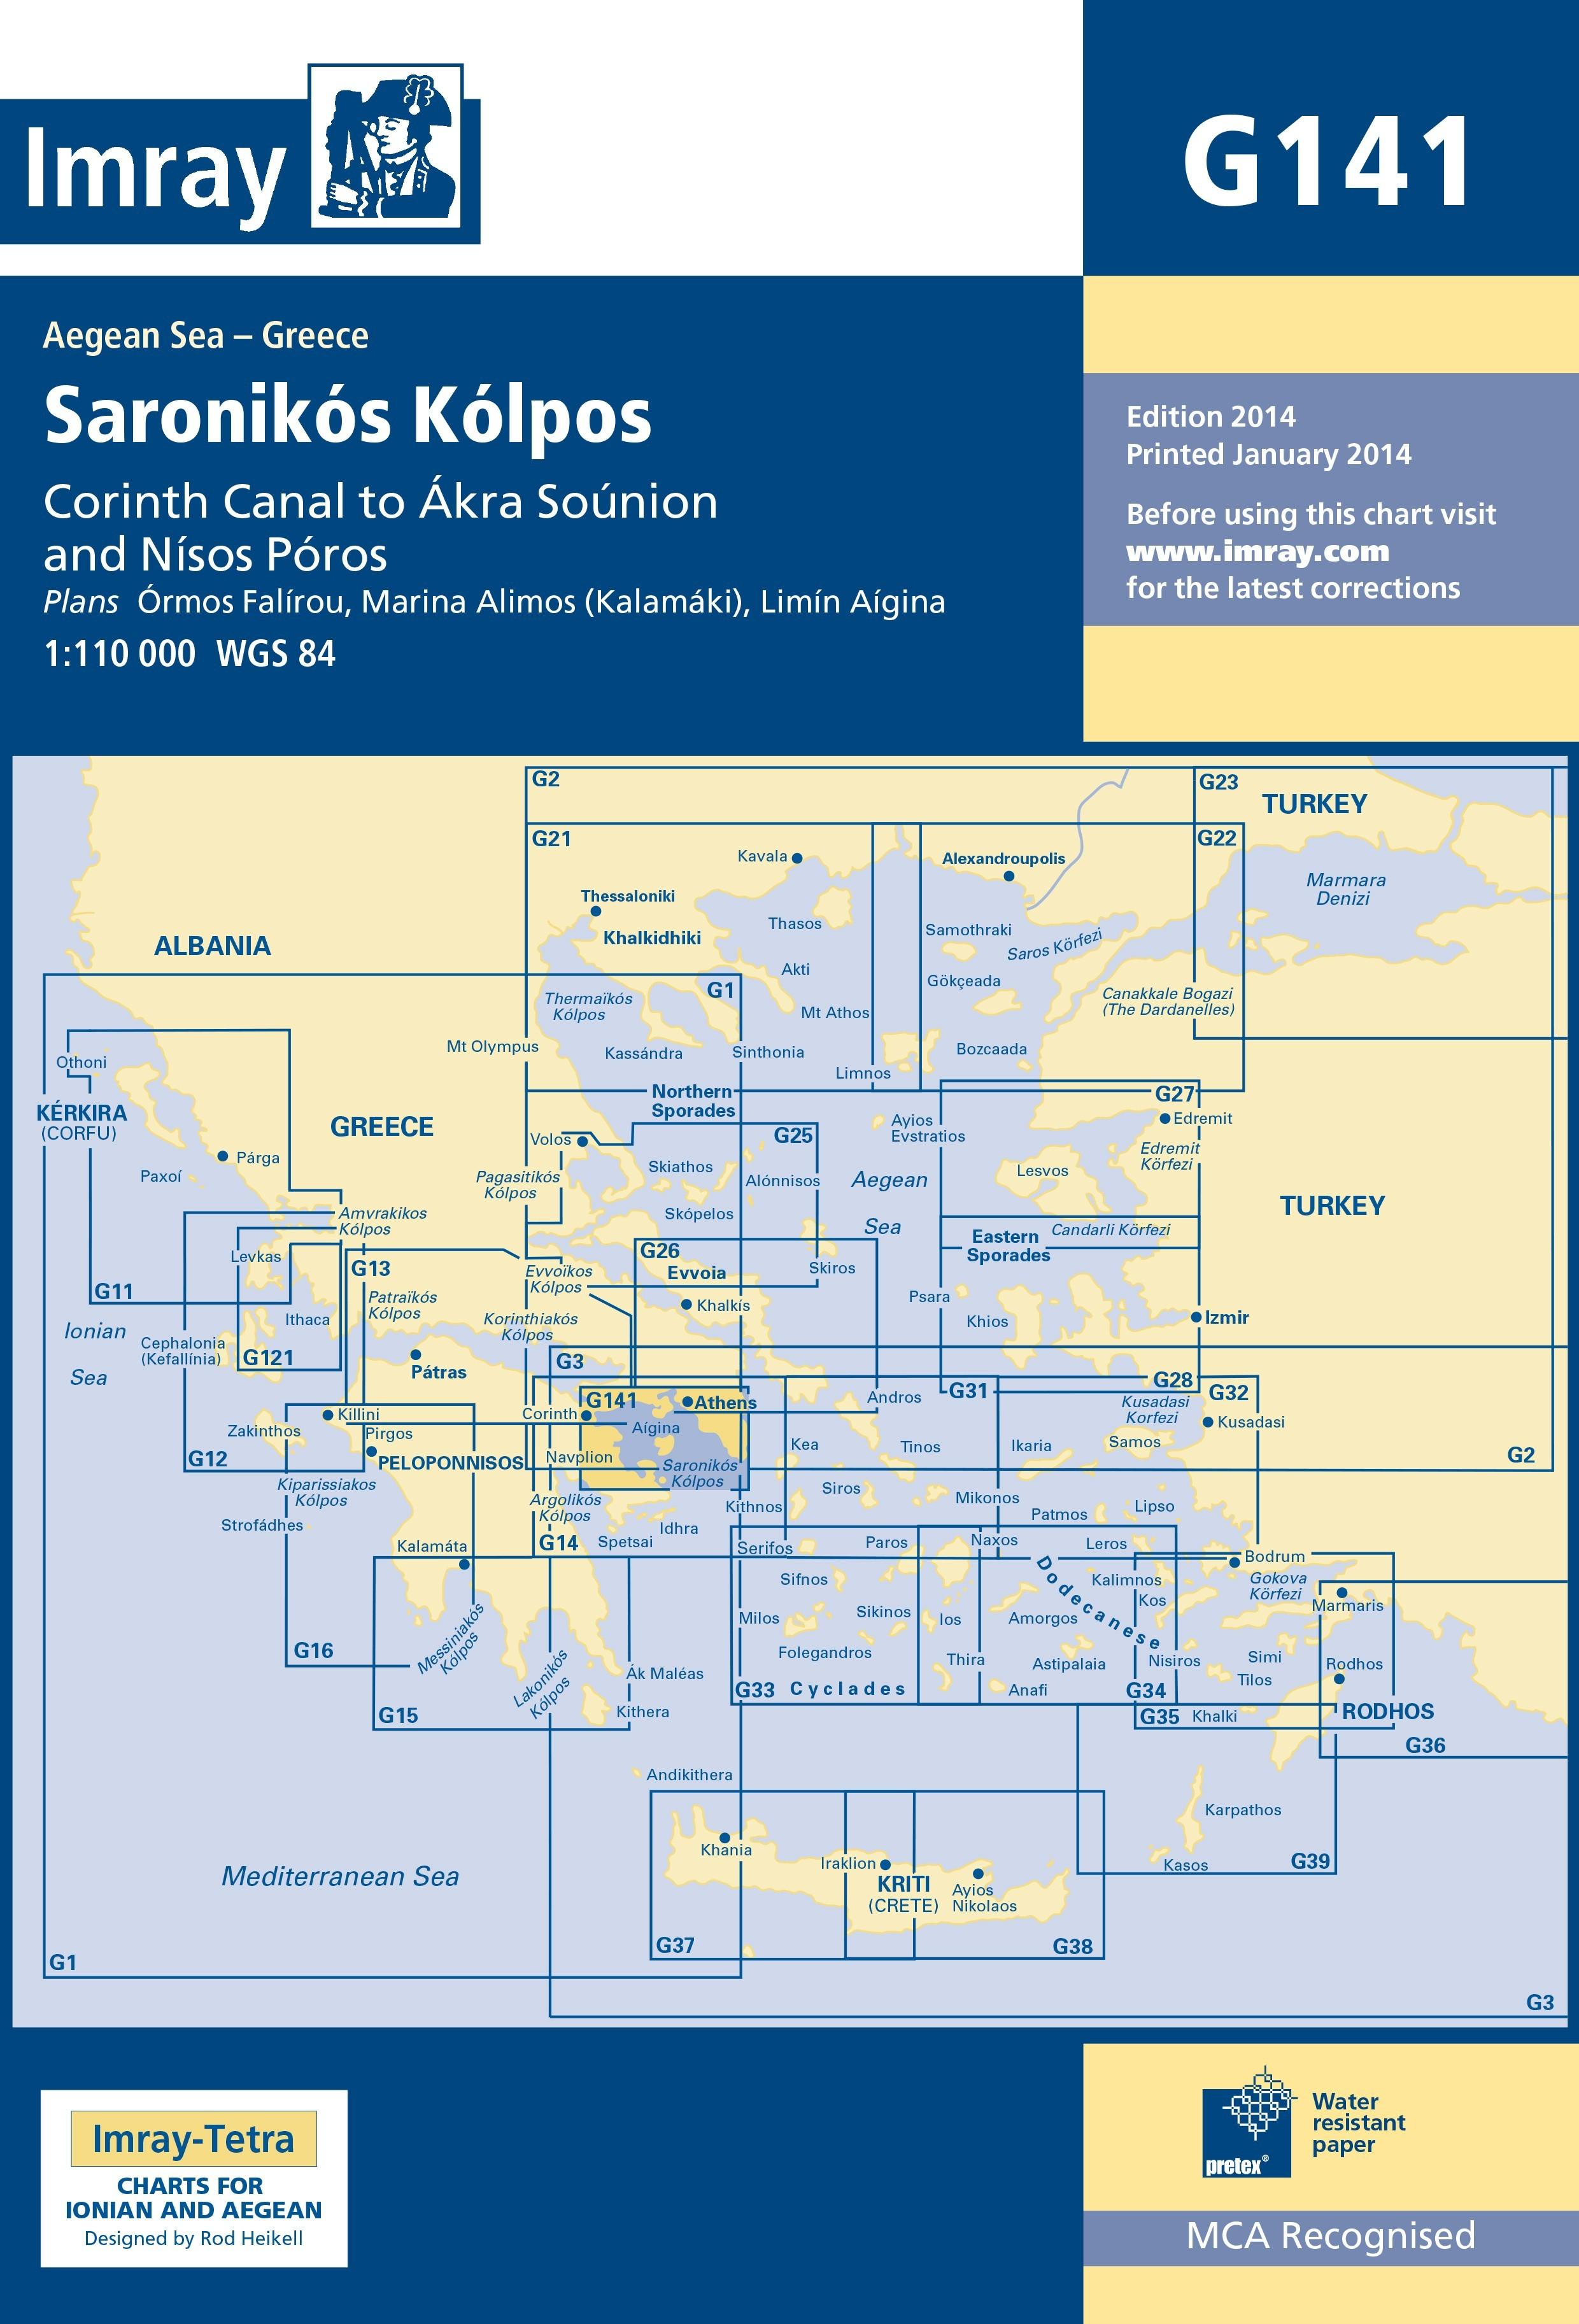 33.53 - Ναυτικός Χάρτης IMRAY ICG141-1 Σαρωνικός Κόλπος